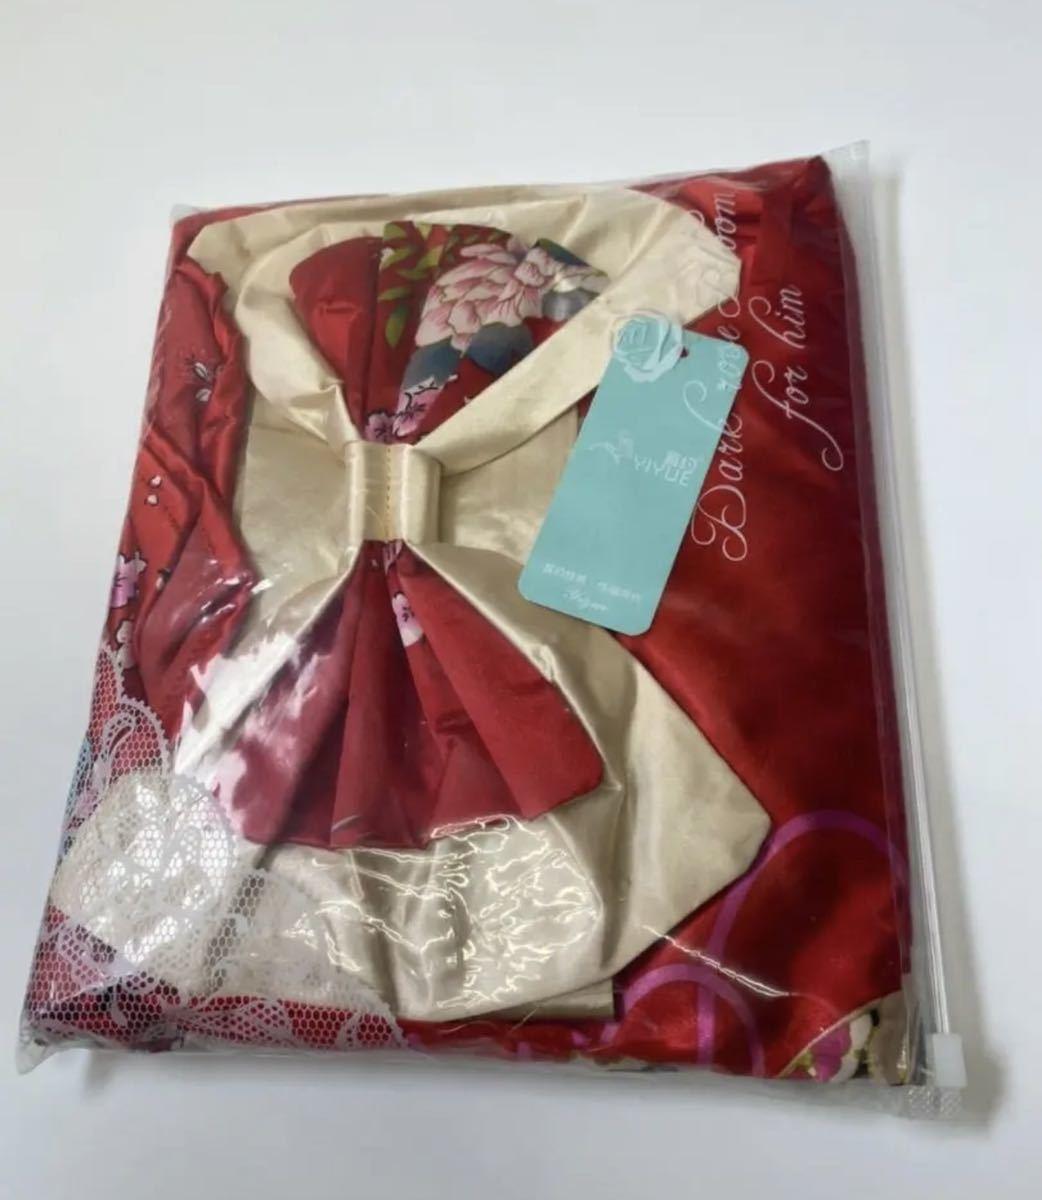 セクシーランジェリー ナイトウェア コスプレ衣装 レッド Tバック 花柄 浴衣 和風 着物ドレス ナイトウエア セクシーコスプレ 和服衣装